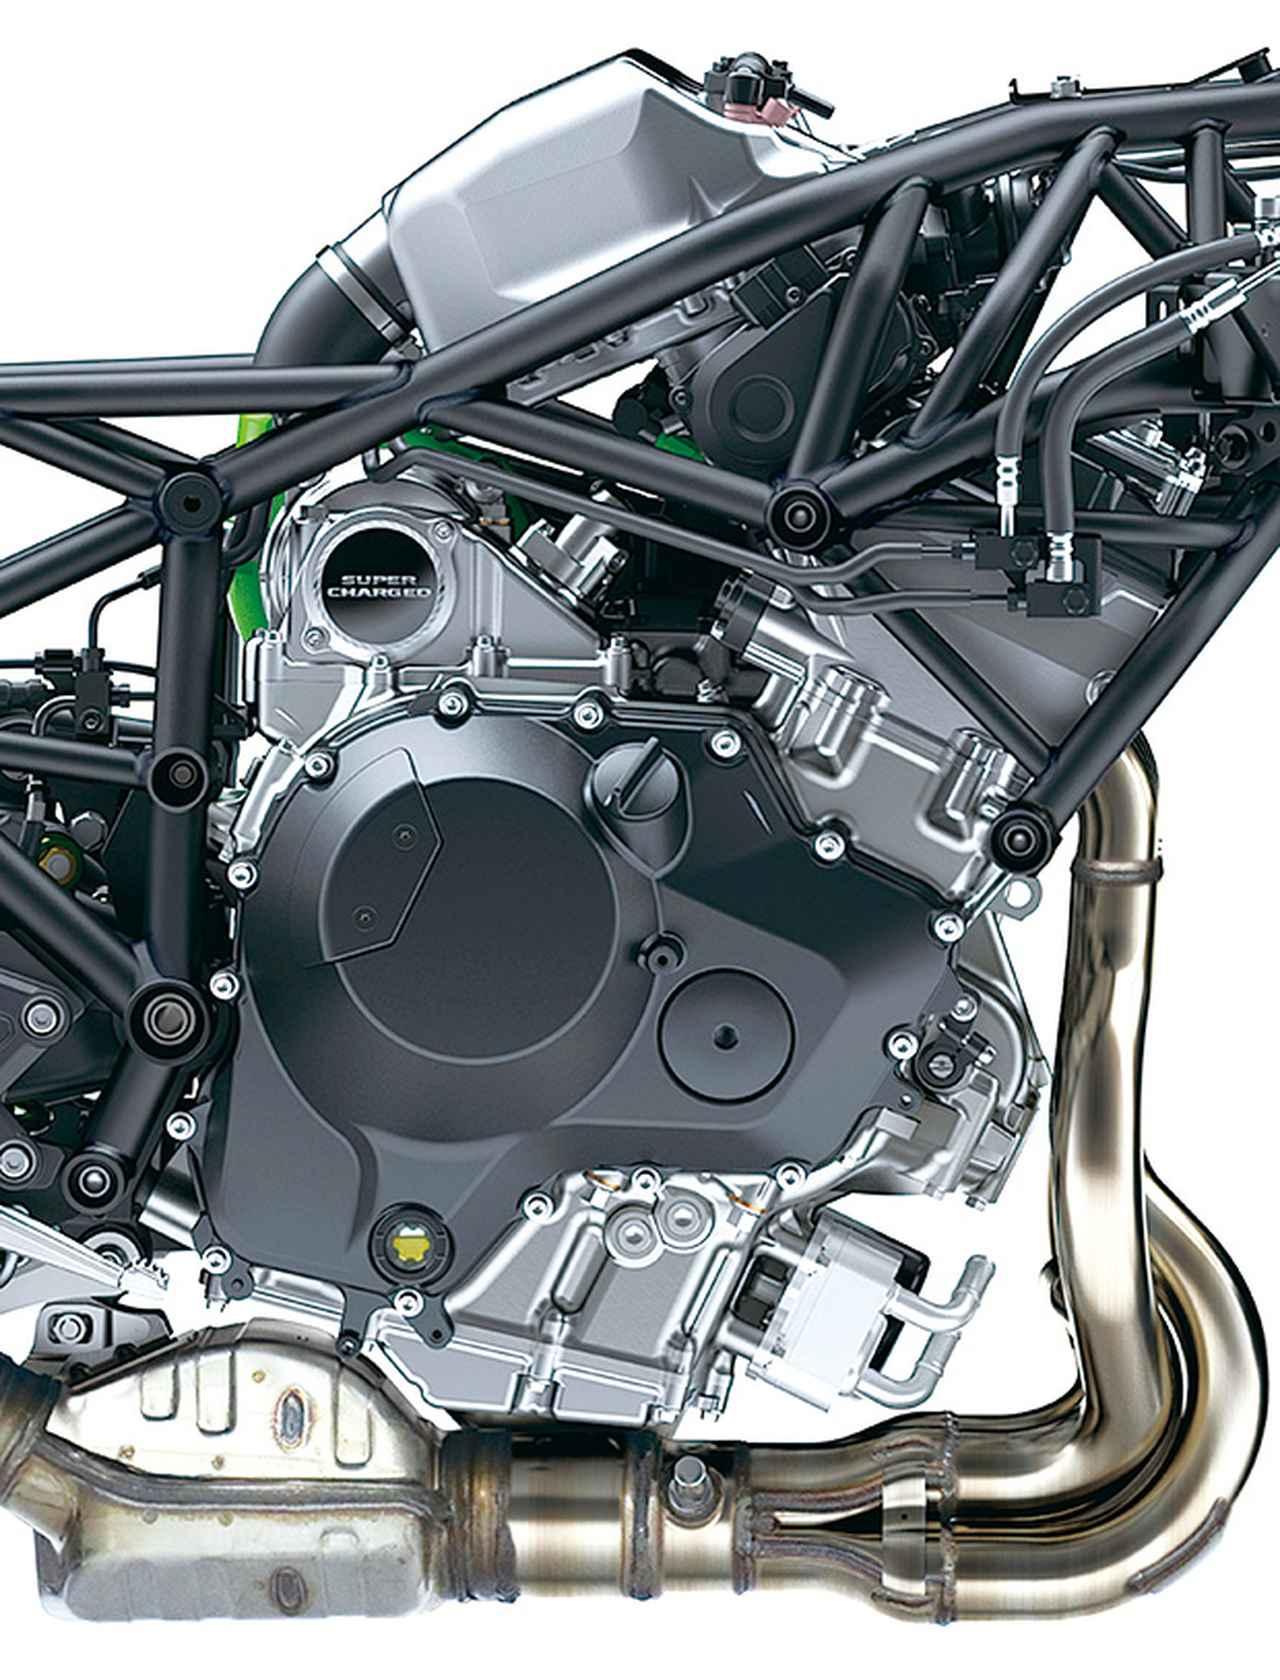 画像: パワースペックこそ同じ200PSだが、H2とは異なり、新作のスーパーチャージャーを採用し、圧縮比アップなどエンジン本体も改良。扱いやすさと省燃費も獲得している。